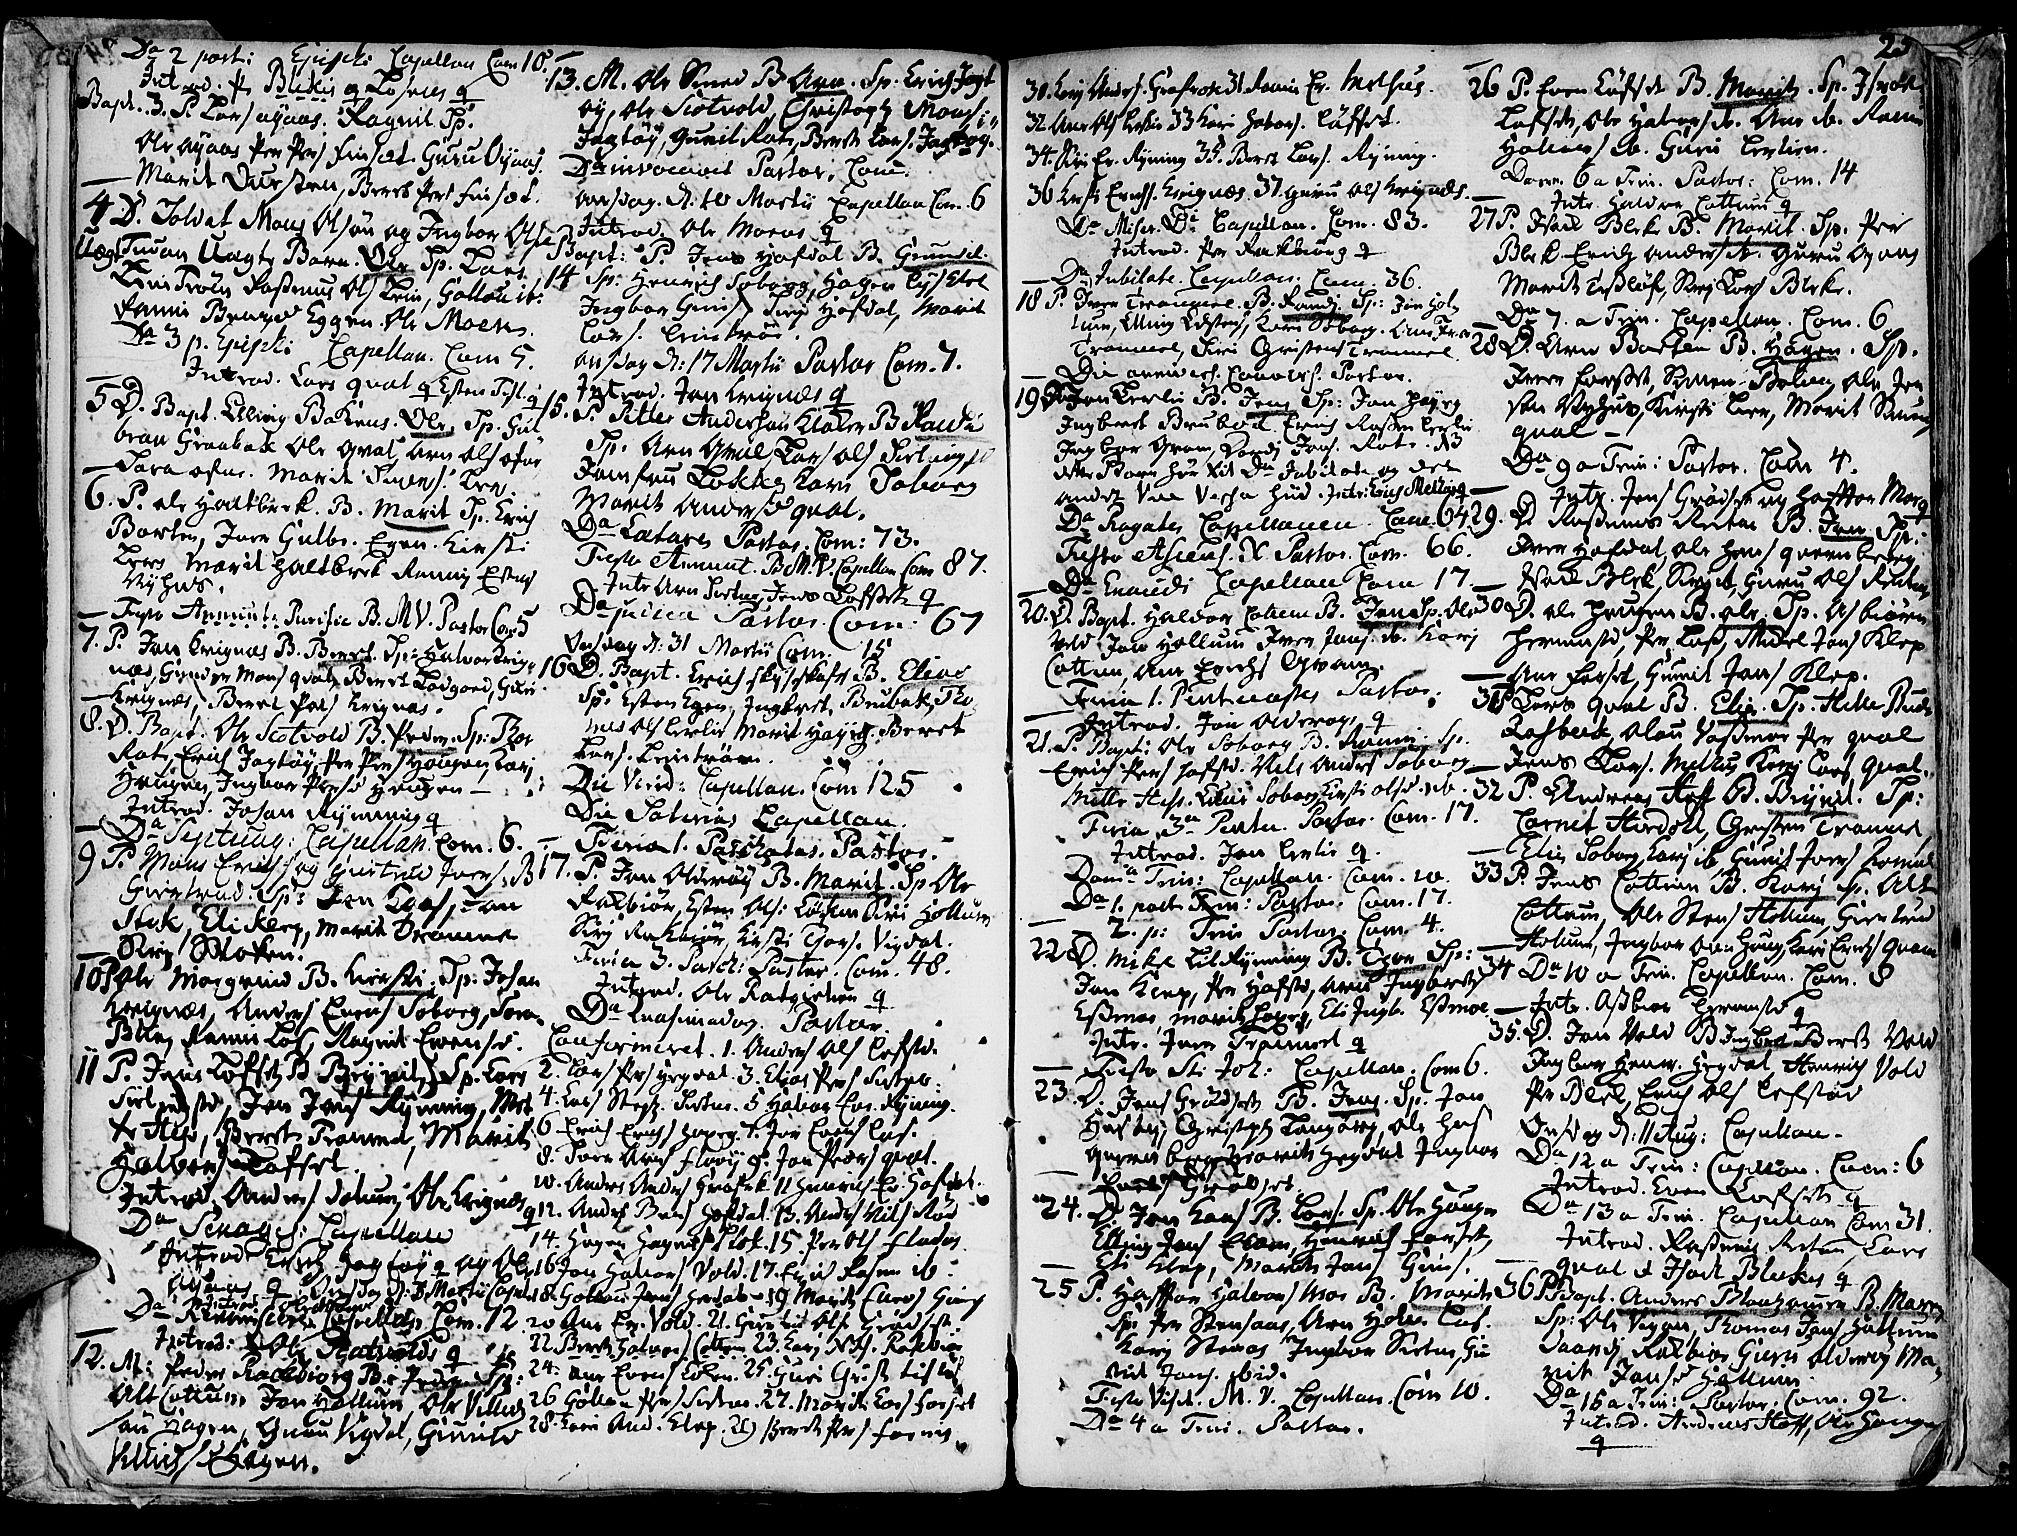 SAT, Ministerialprotokoller, klokkerbøker og fødselsregistre - Sør-Trøndelag, 691/L1057: Ministerialbok nr. 691A01 /1, 1740-1767, s. 25